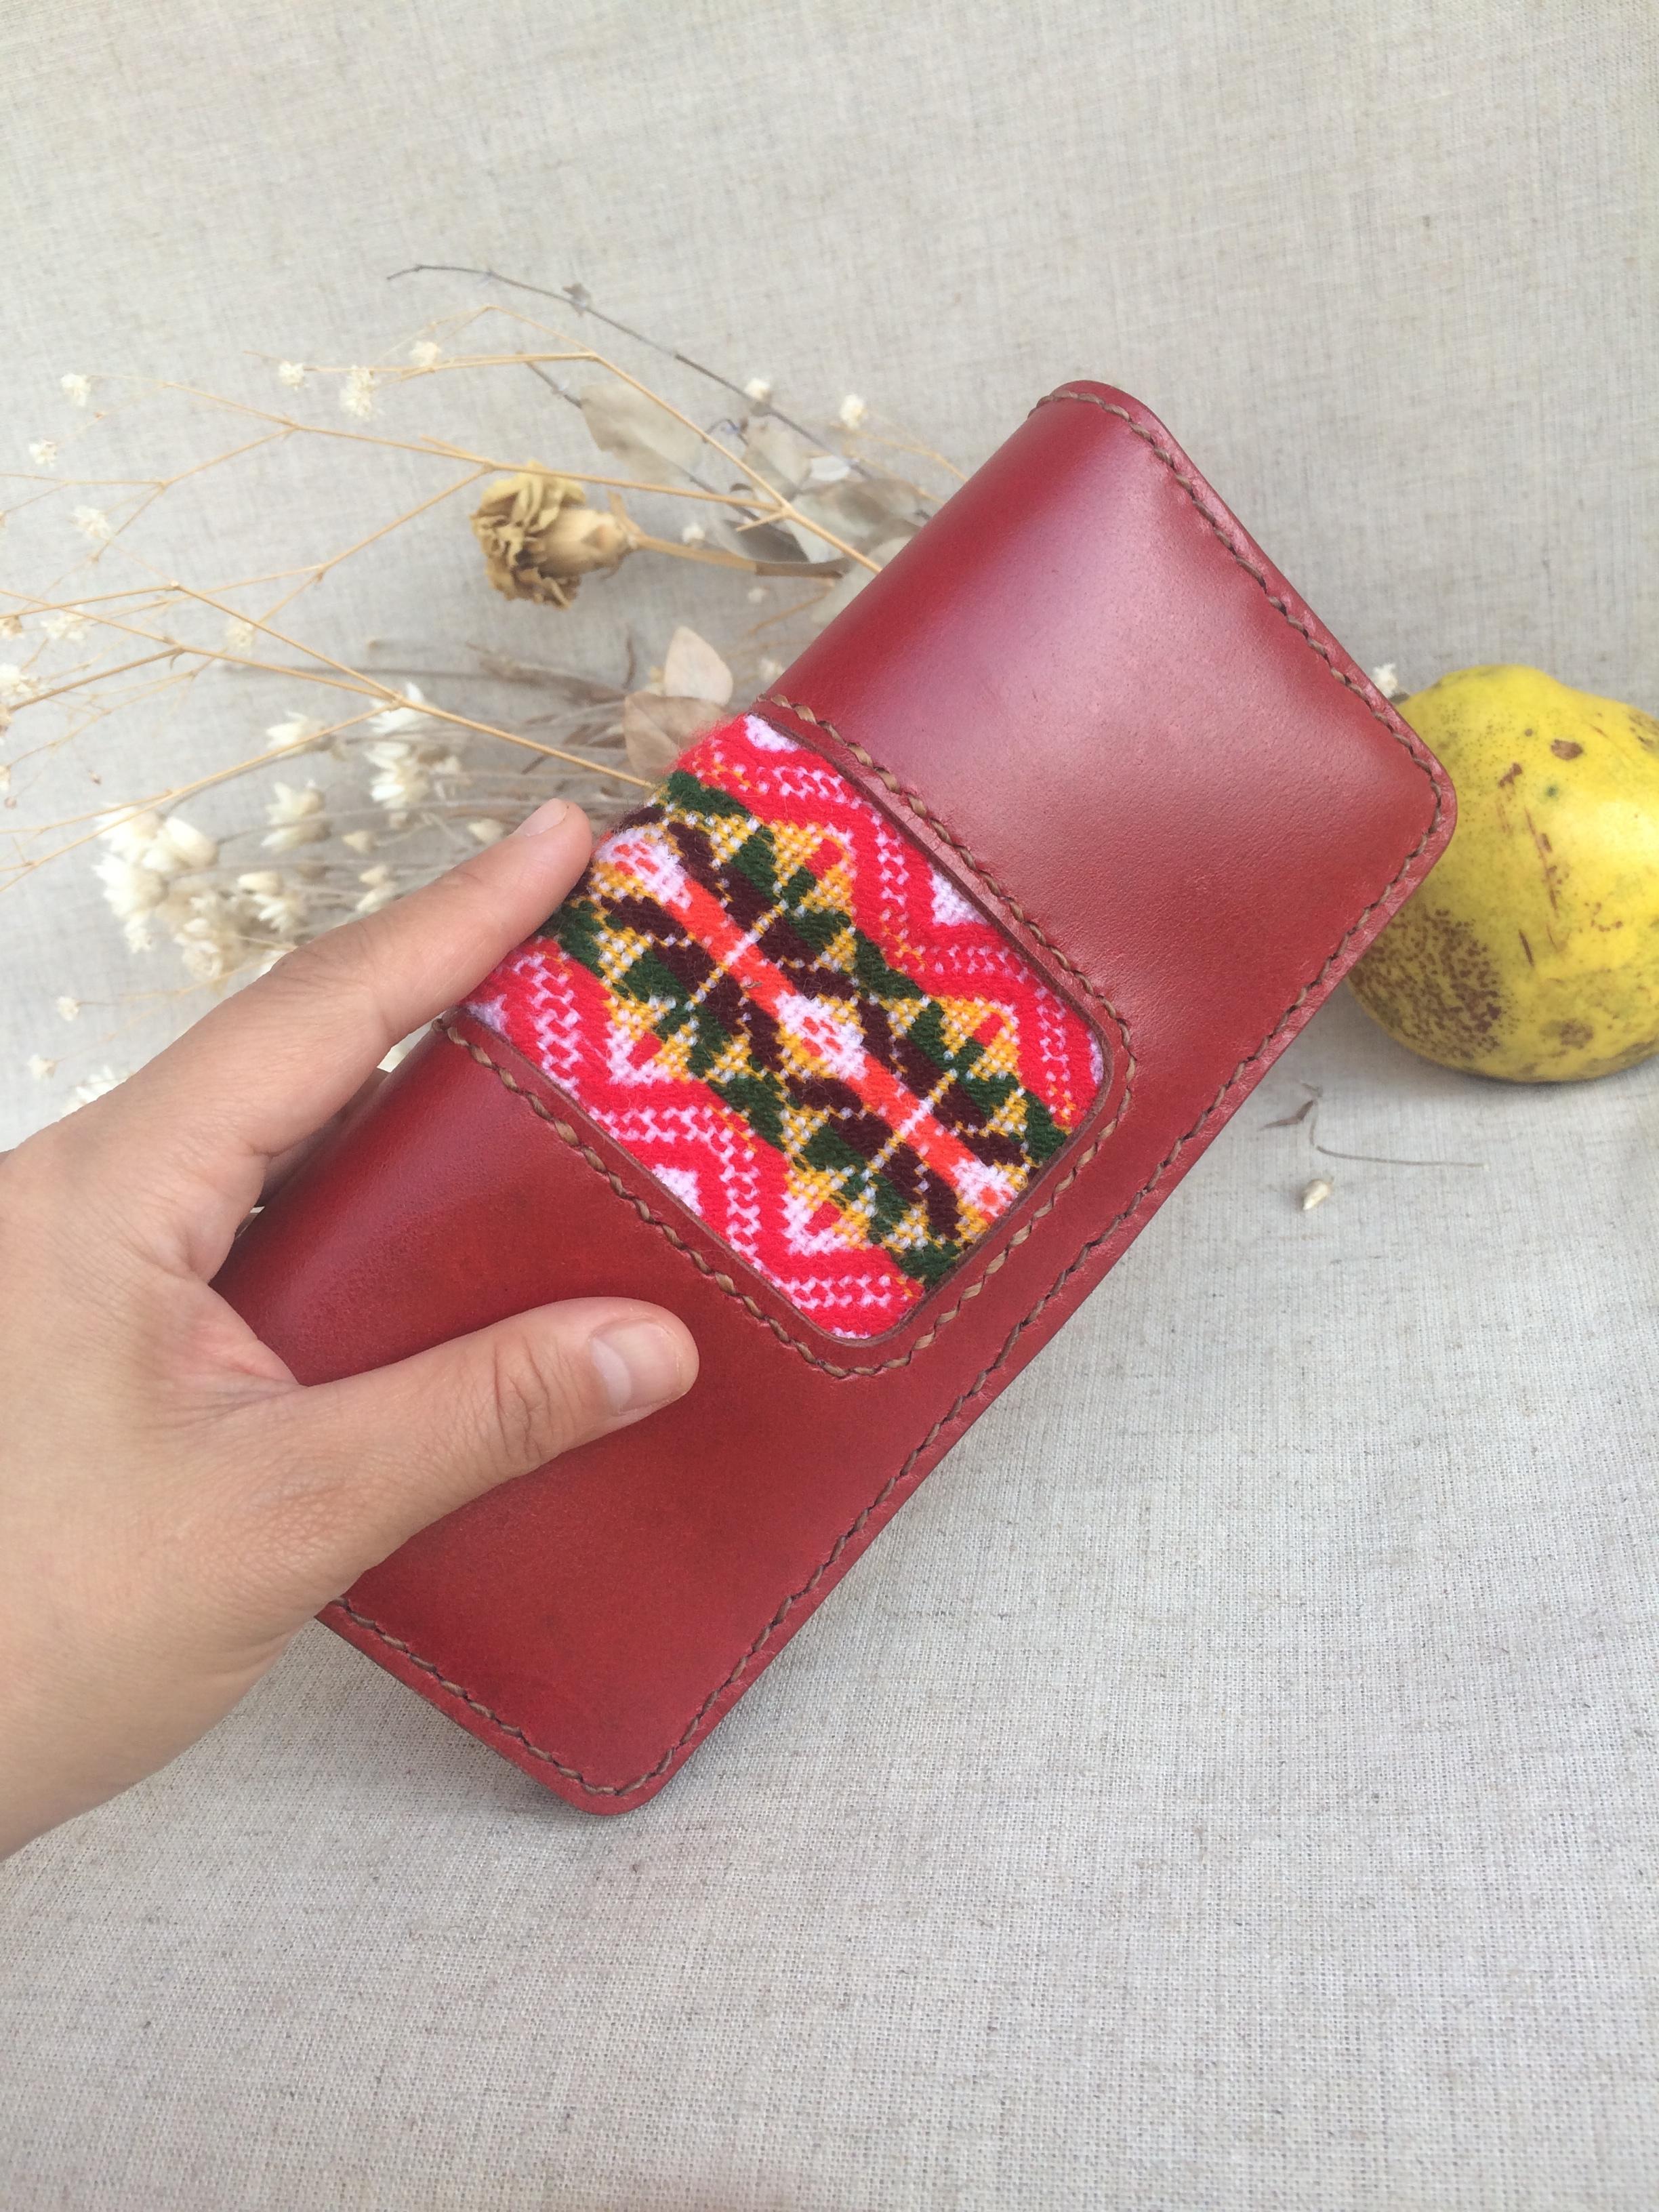 f5634b35f600 長財布◇こっくり ワインレッド グァテマラ織り 赤 本革 財布 レディース シンプル設計.  ※こちらの作品は受注生産となっておりますので製作に1〜2週間ほど頂いており ...